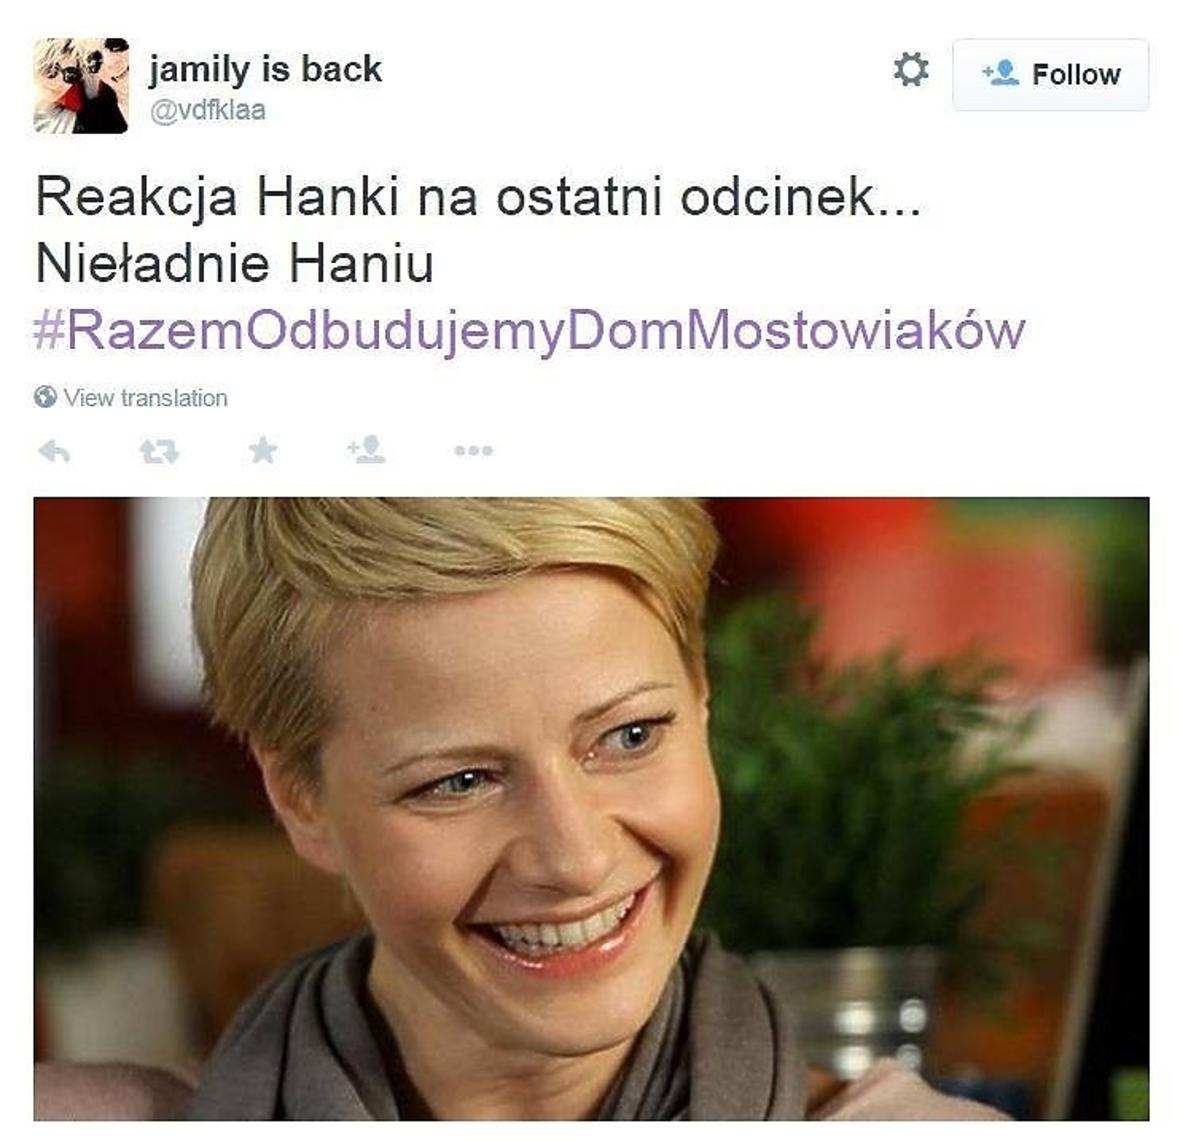 m-jak-milosc-final-sezonu-spalony-dom-mostowiakowiakow-mem-GALLERY_BIG-44477.jpg